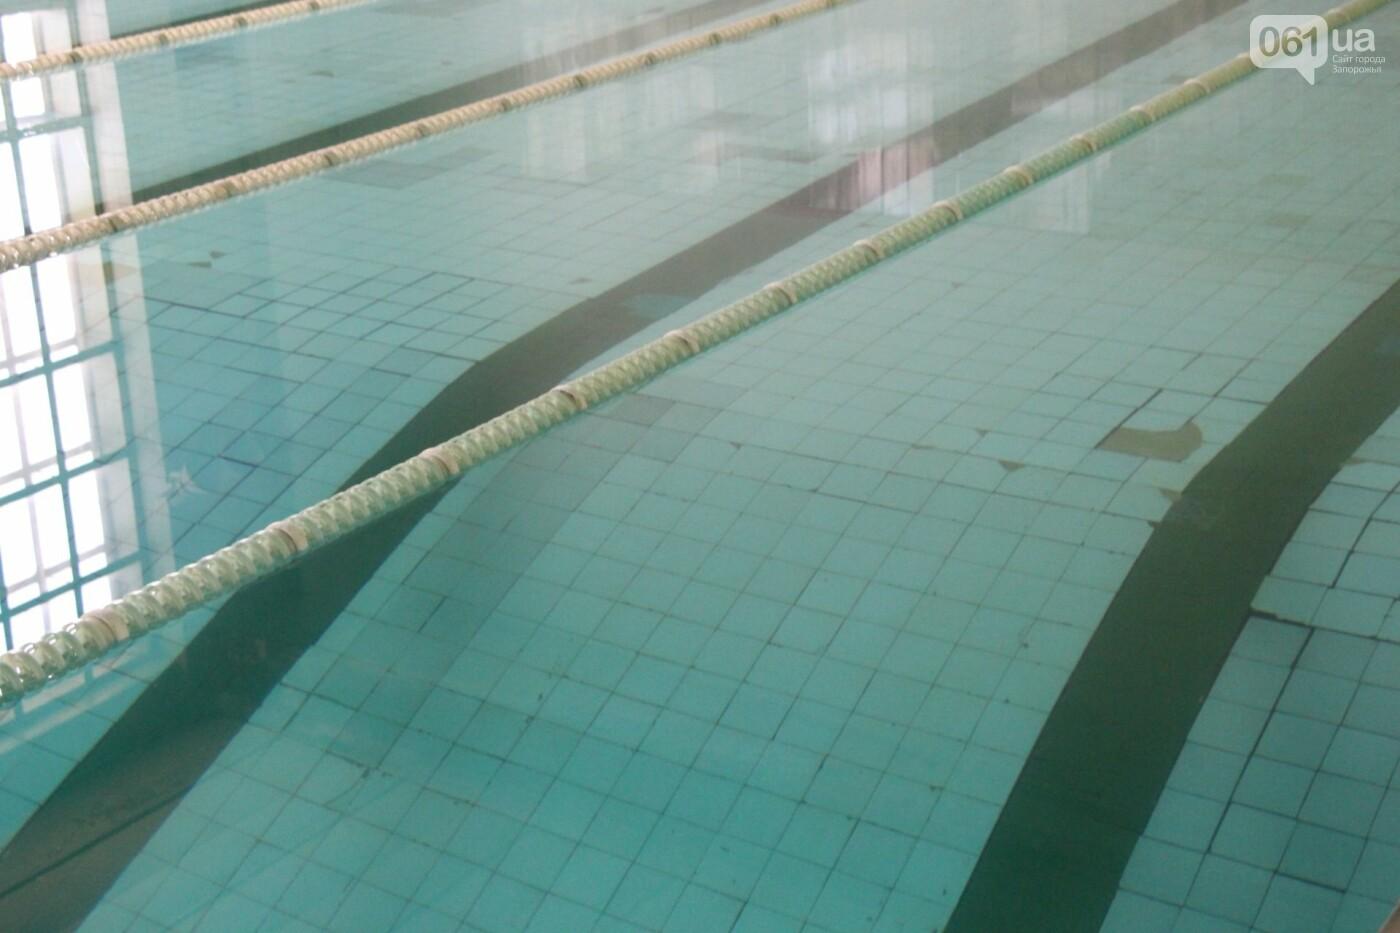 """В Запорожье впервые за 50 лет начали реконструкцию бассейна """"Салют"""", фото-8"""